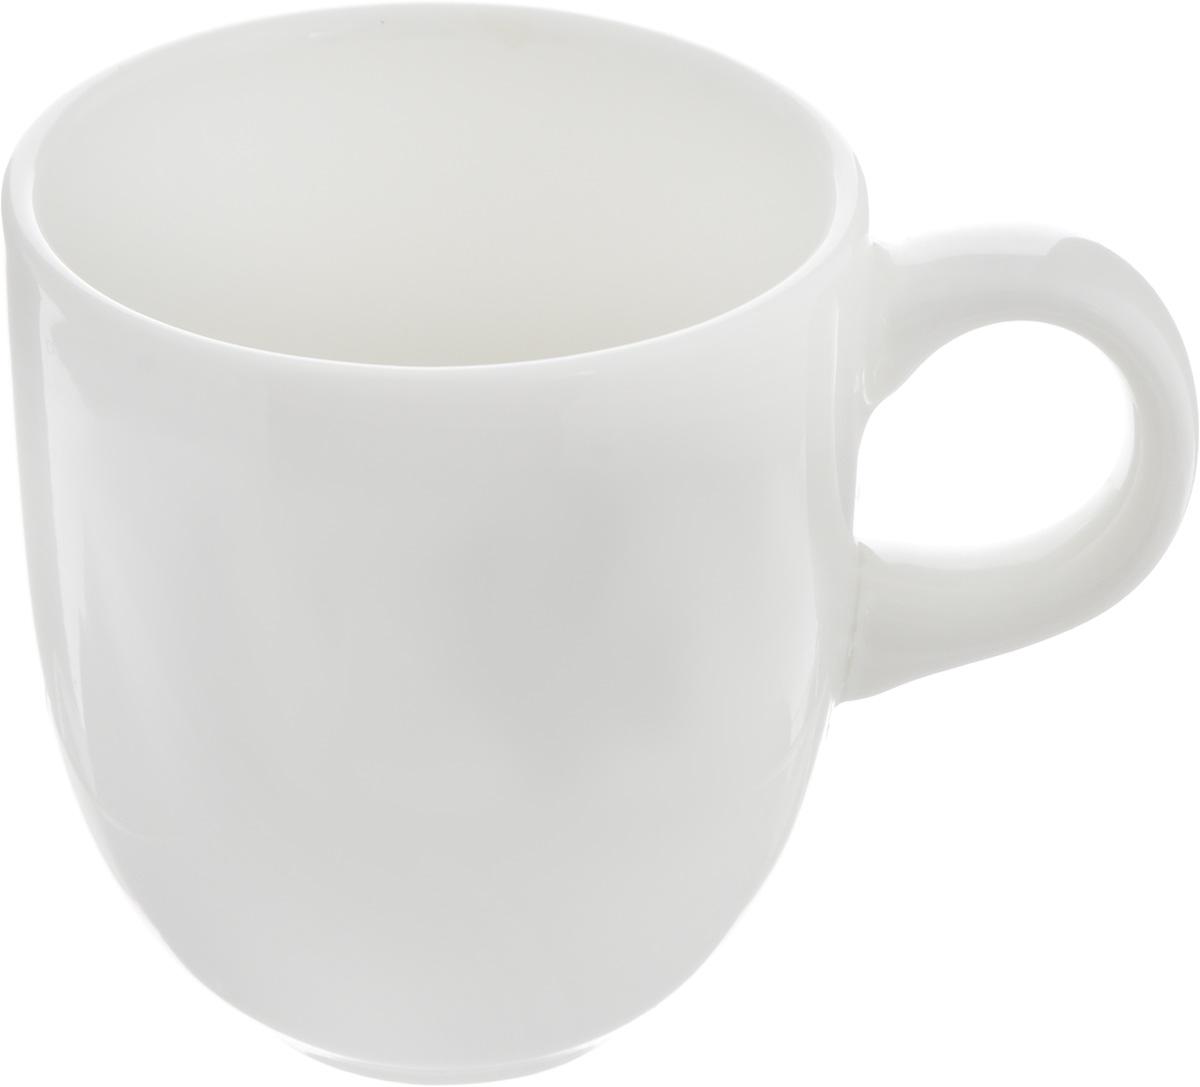 Чашка кофейная Ariane Коуп, 90 млVT-1520(SR)Кофейная чашка Ariane Коуп изготовлена из высококачественного фарфора с глазурованным покрытием. Приятный глазу дизайн и отменное качество чашки будут долго радовать вас.Чашка Ariane Коуп украсит сервировку вашего стола и подчеркнет прекрасный вкус хозяина.Можно мыть в посудомоечной машине и использовать в микроволновой печи.Диаметр чашки (по верхнему краю): 5,5 см.Высота соусника: 6,5 см.